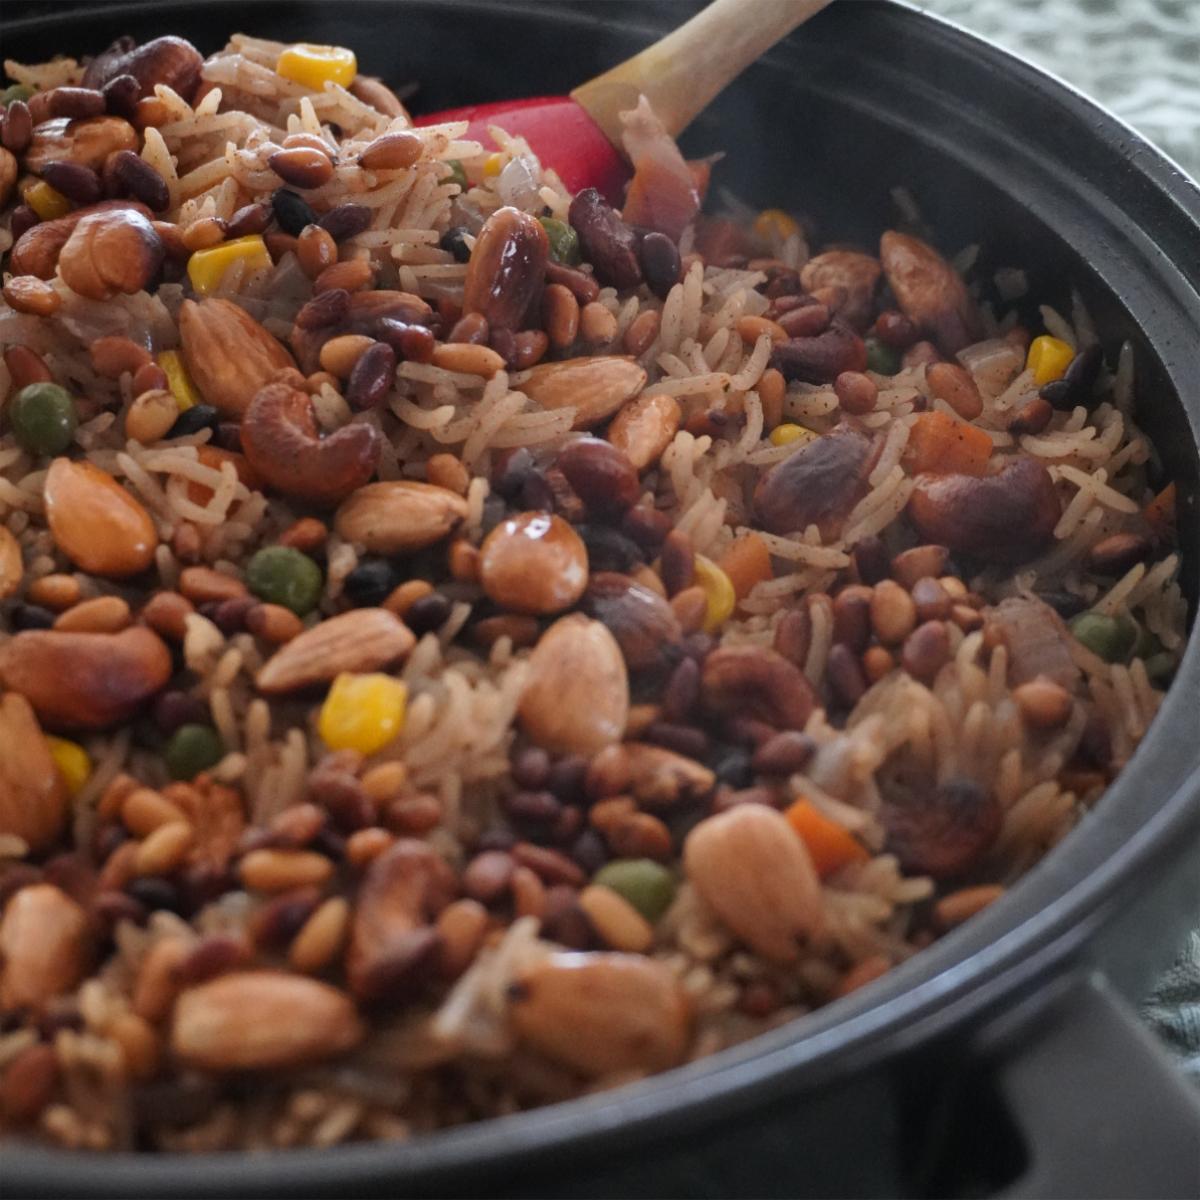 Vegan Lebanese Rice in a black bowl